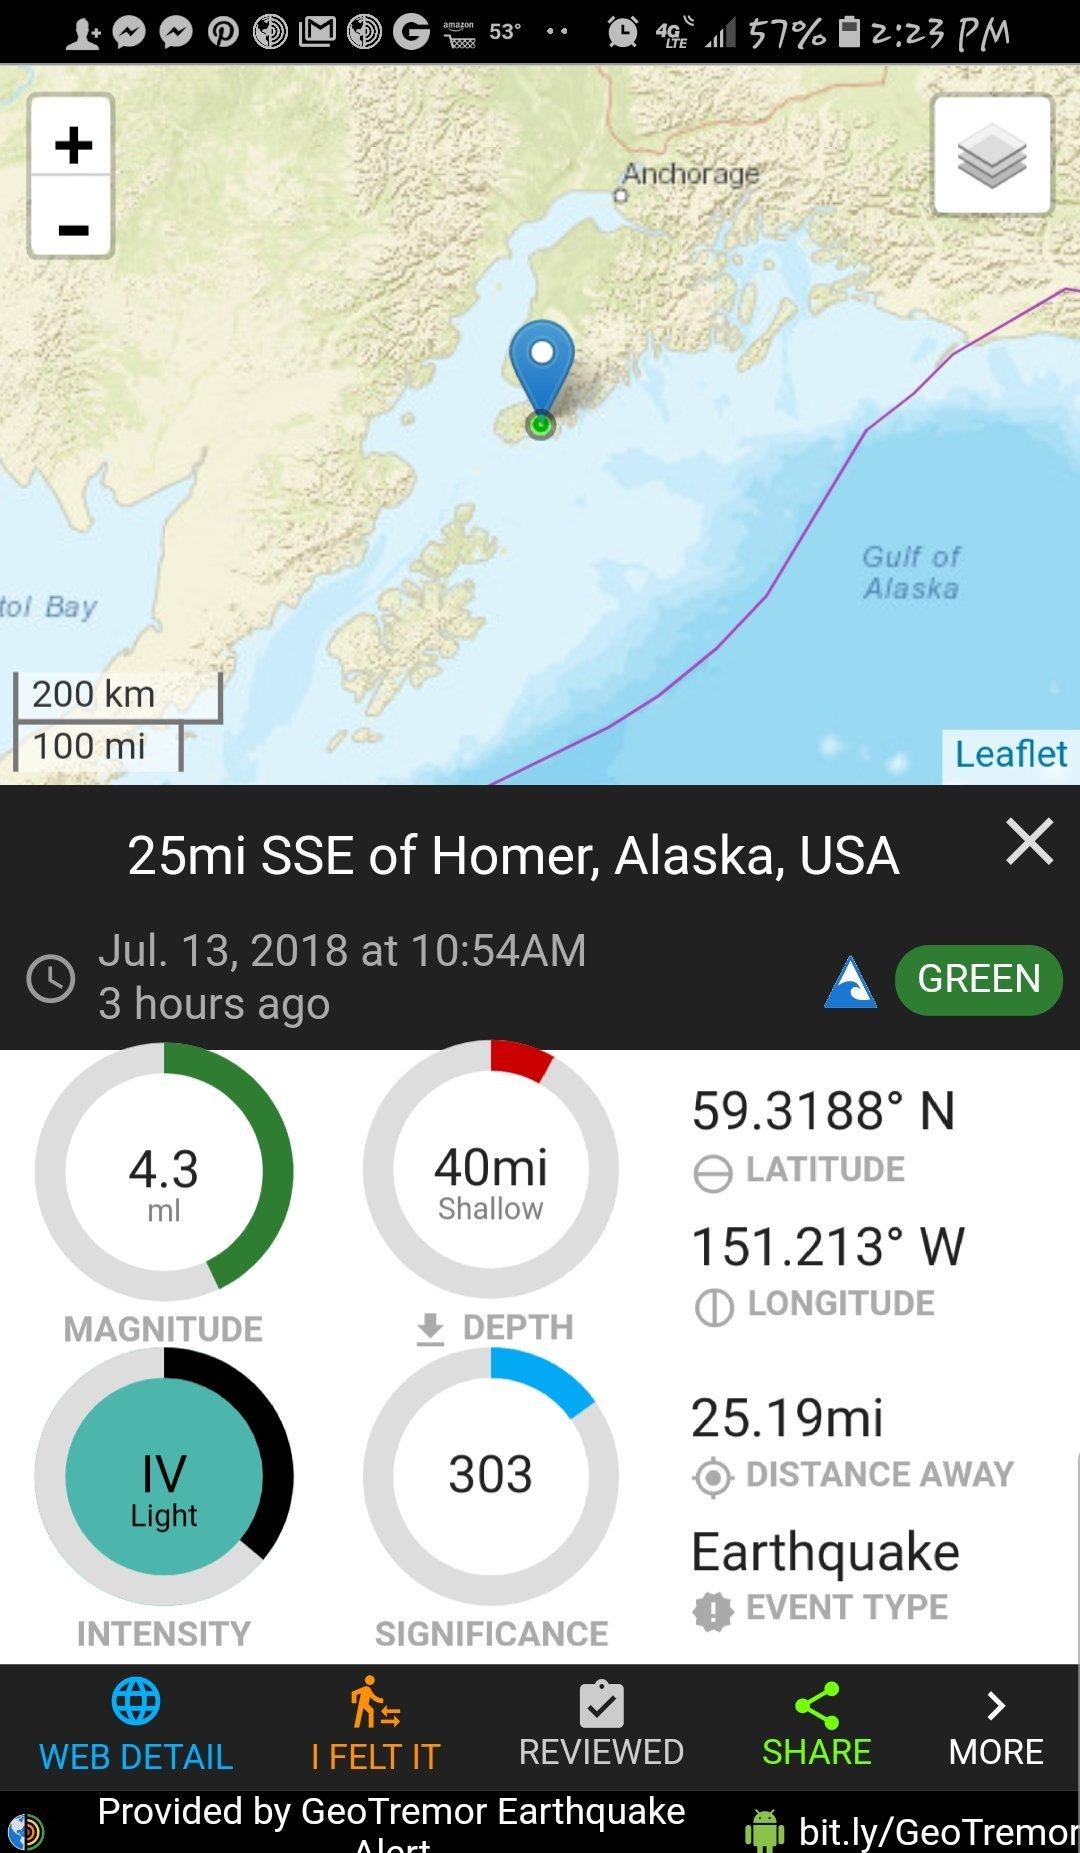 screenshot_20180713-142332_geotremor-earthquake-alert8960657062795250663.jpg